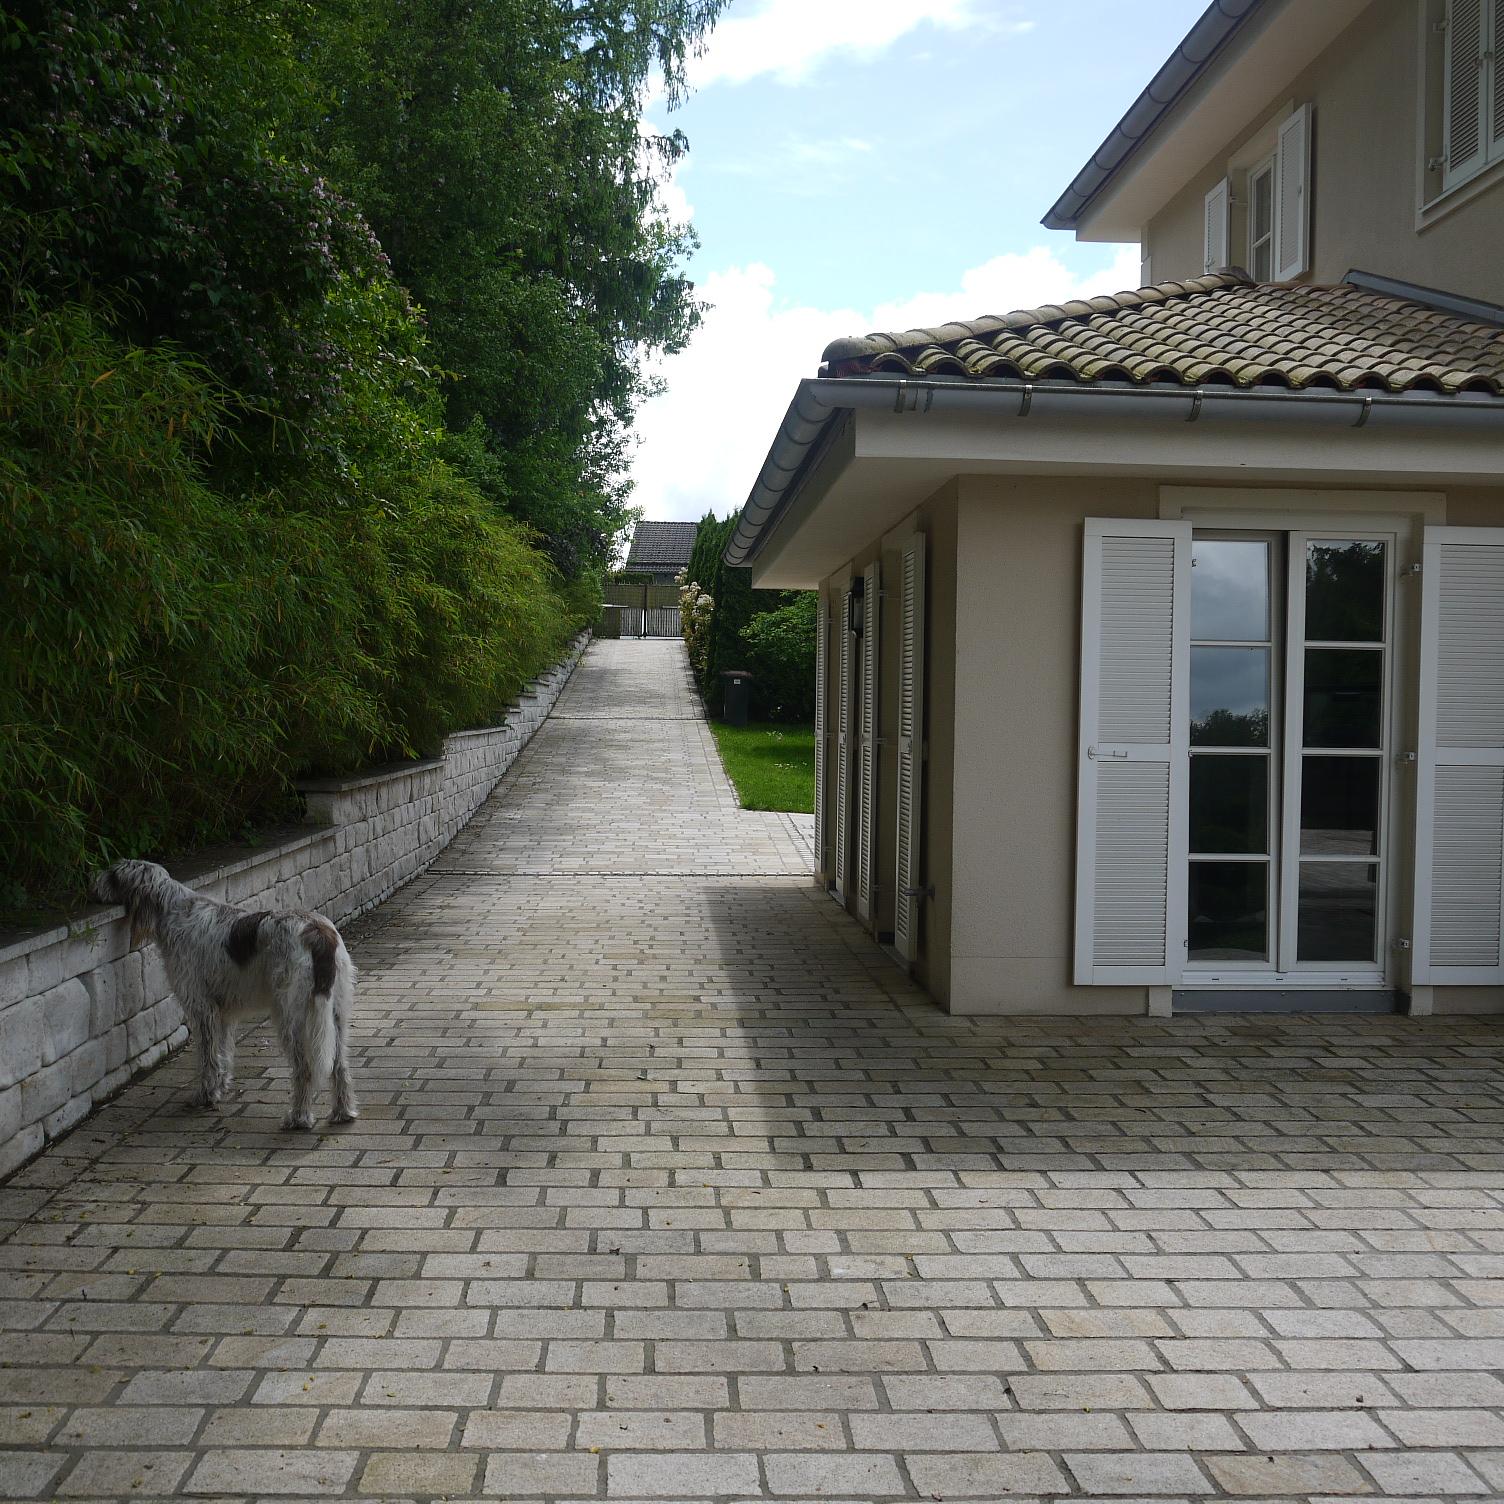 Landhaus in Berg, Blick auf die Zufahrt